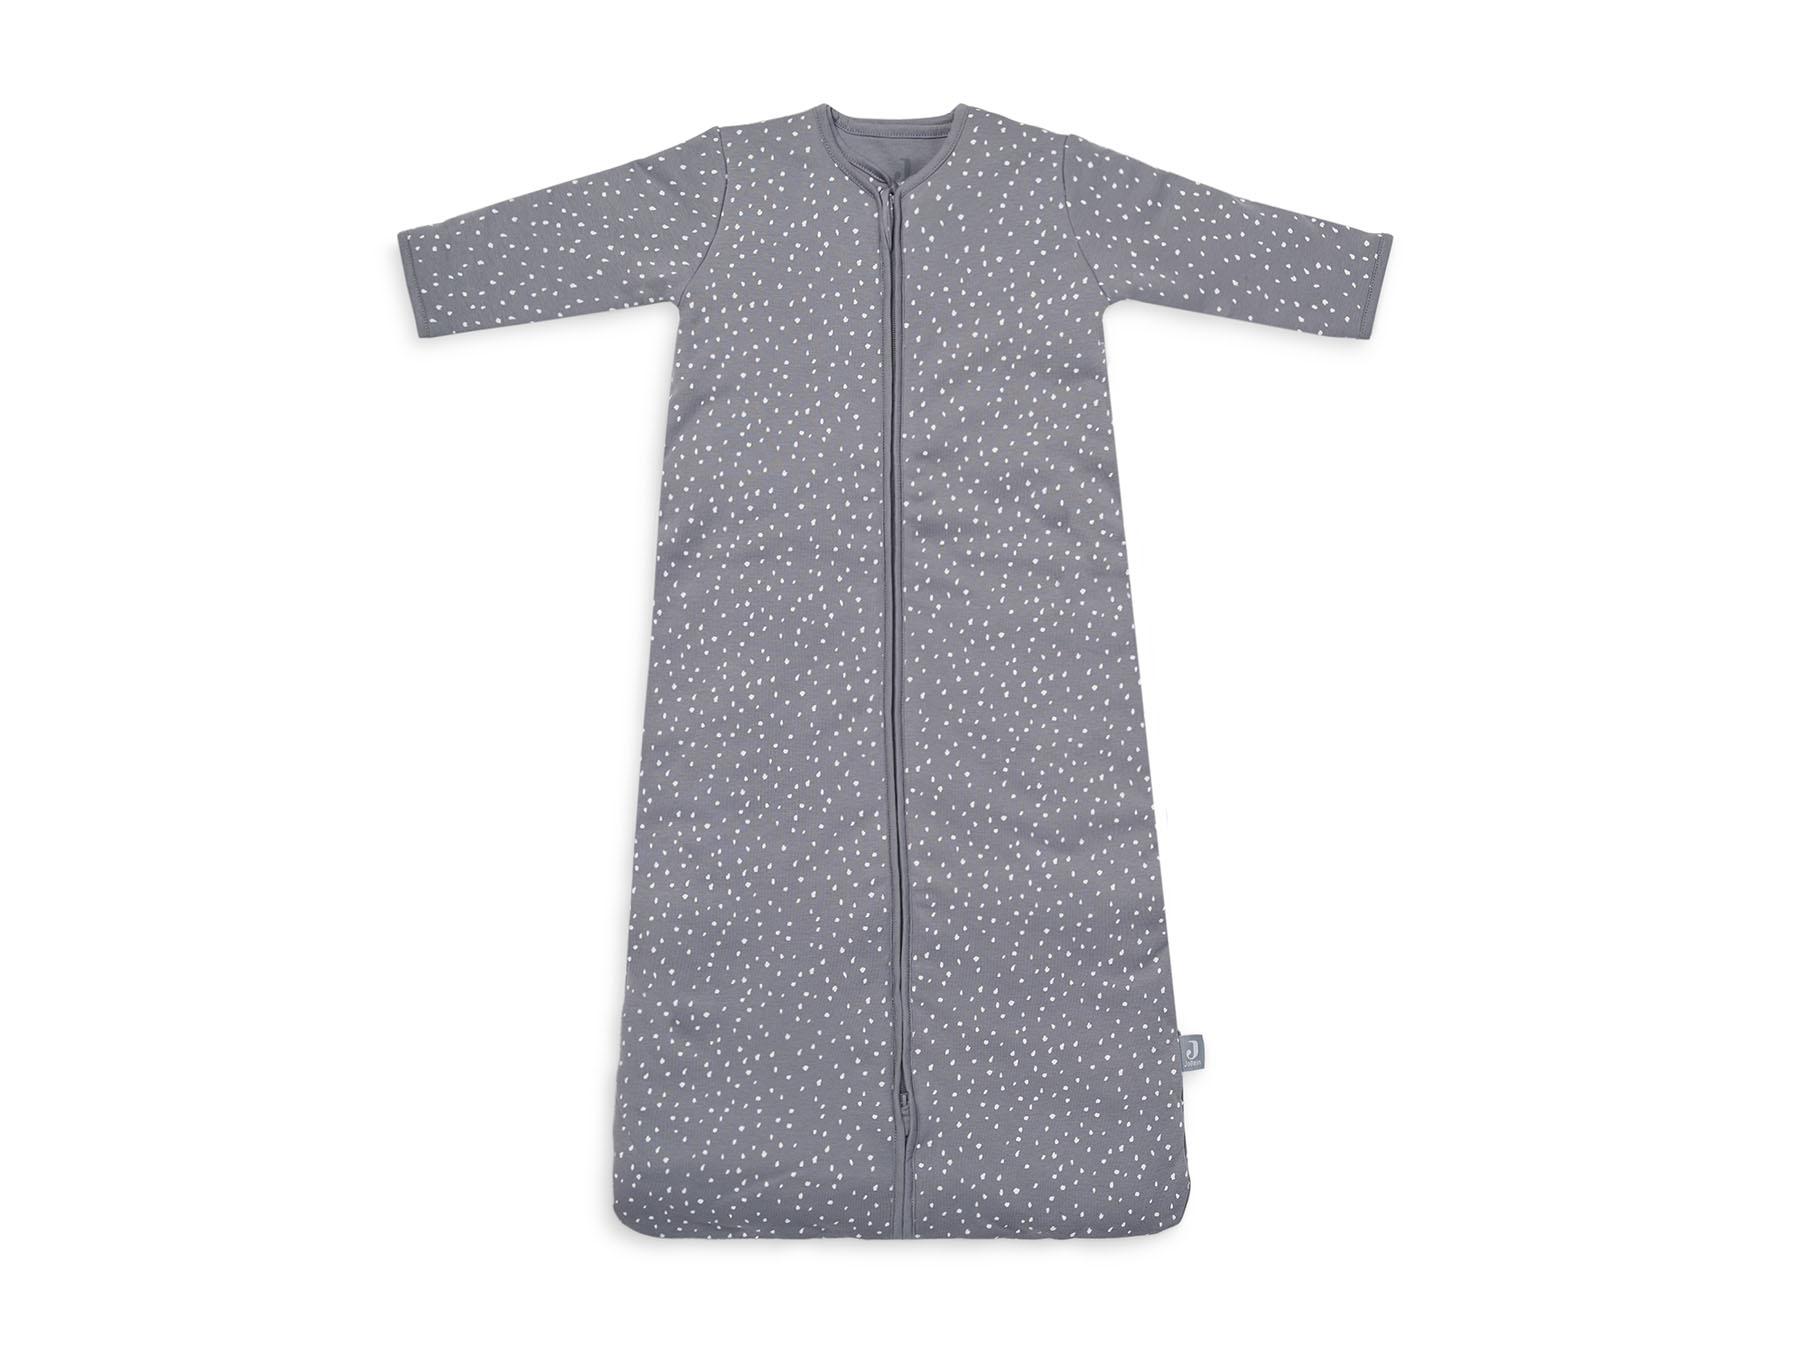 Schlafsack 4 Jahreszeiten Spickle grau (Gr. 70 cm)